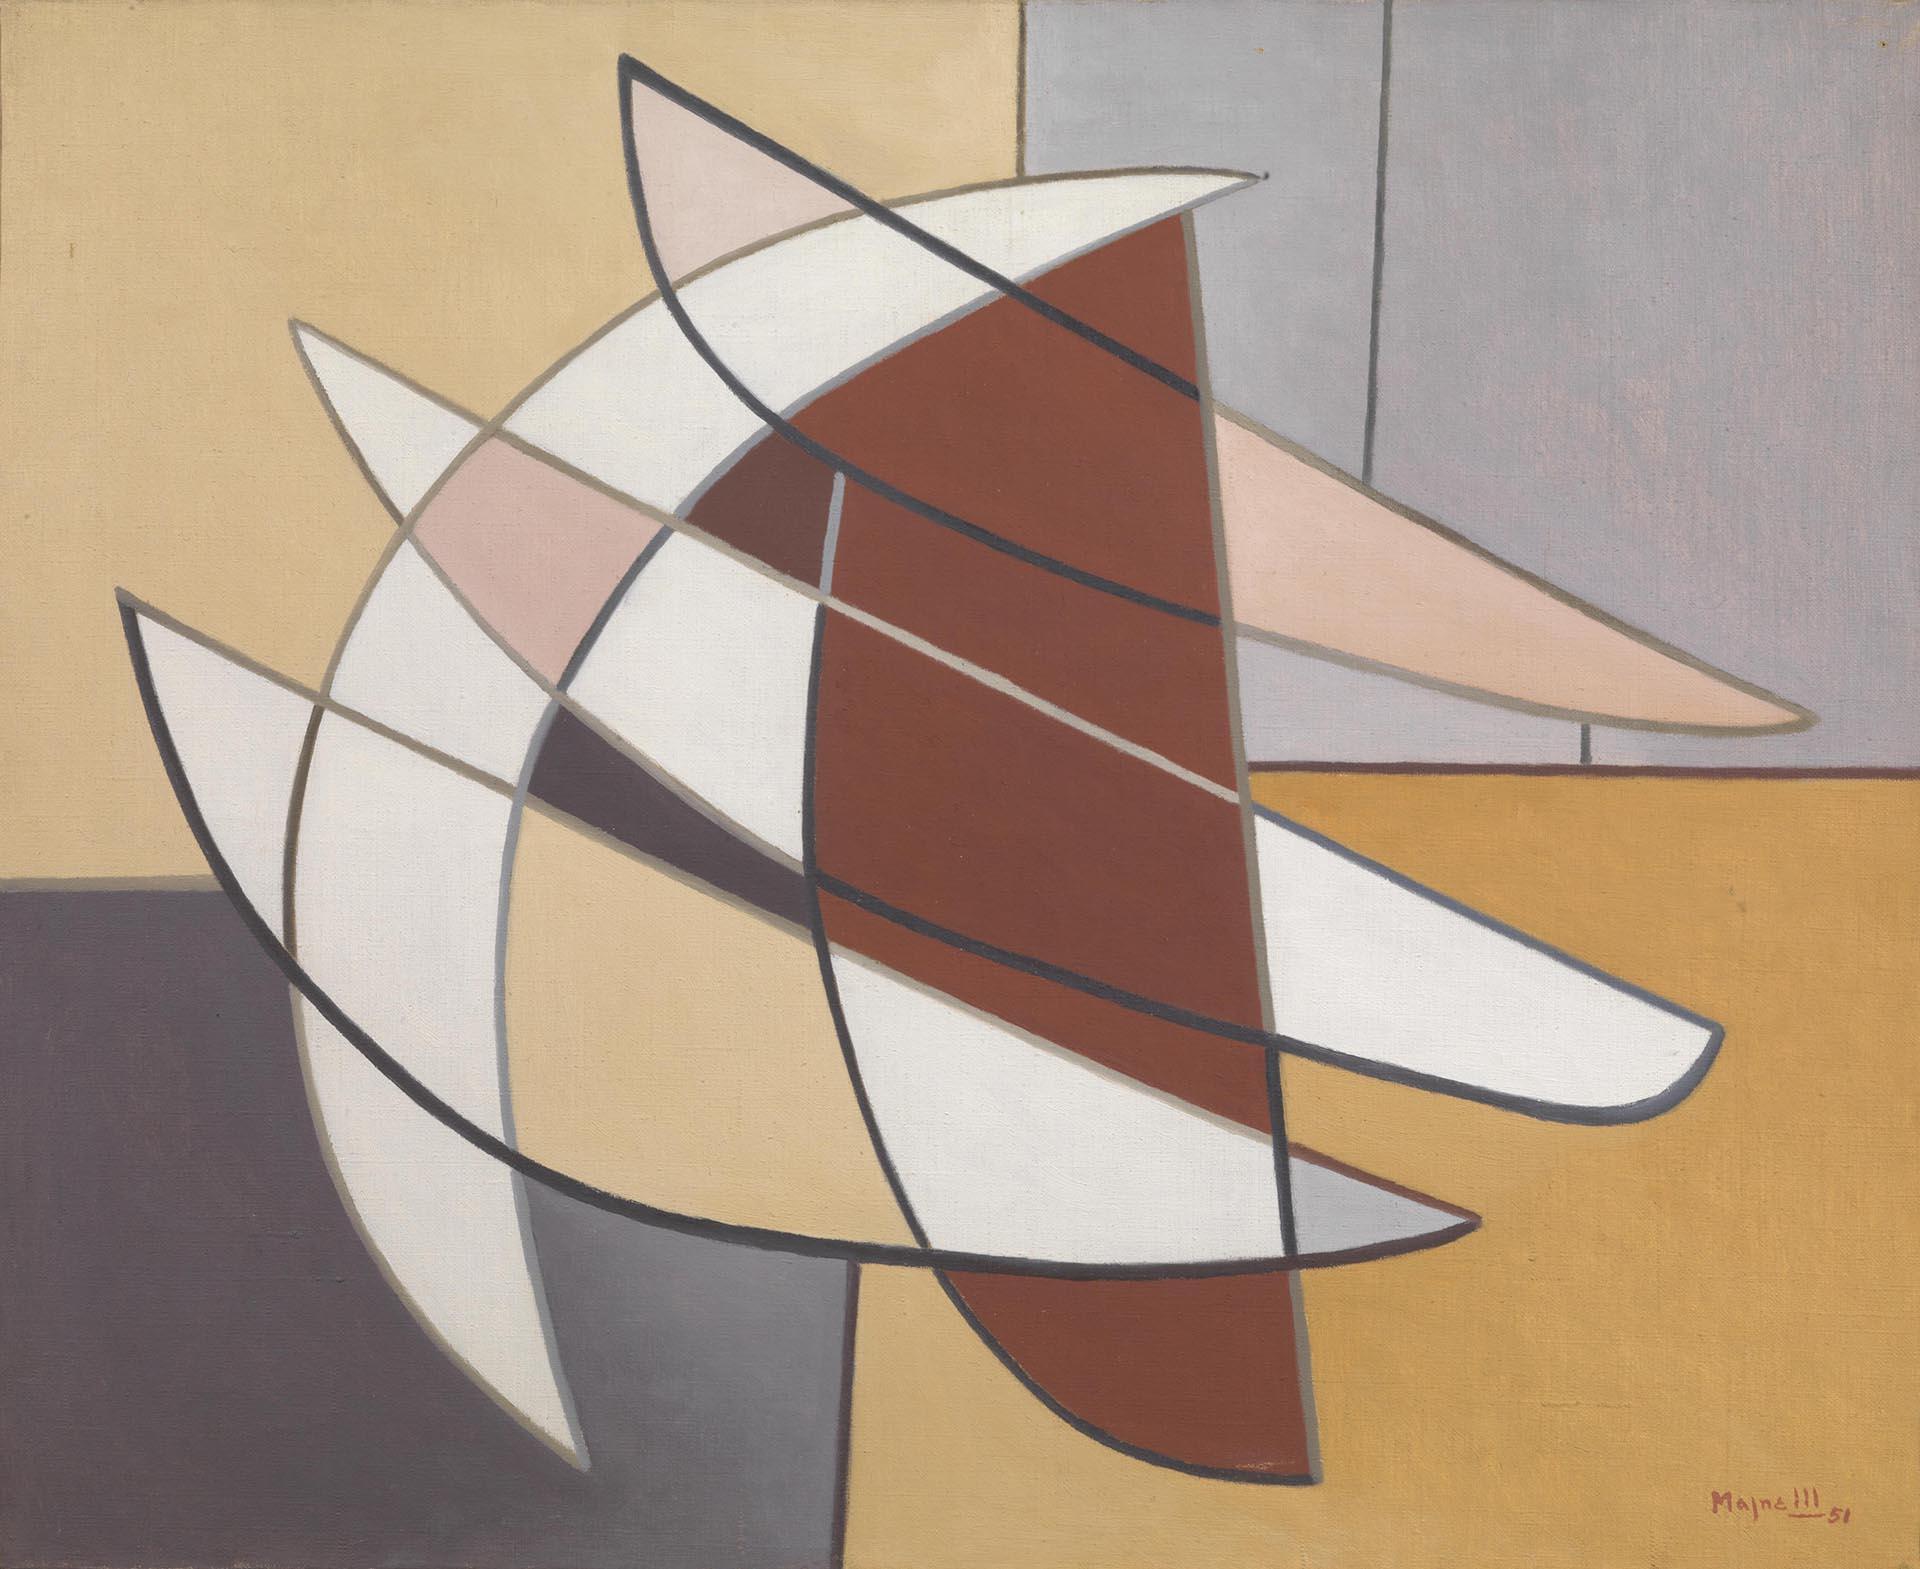 Magnelli, Forces dressées n° 2, 1951, 81x100 cm